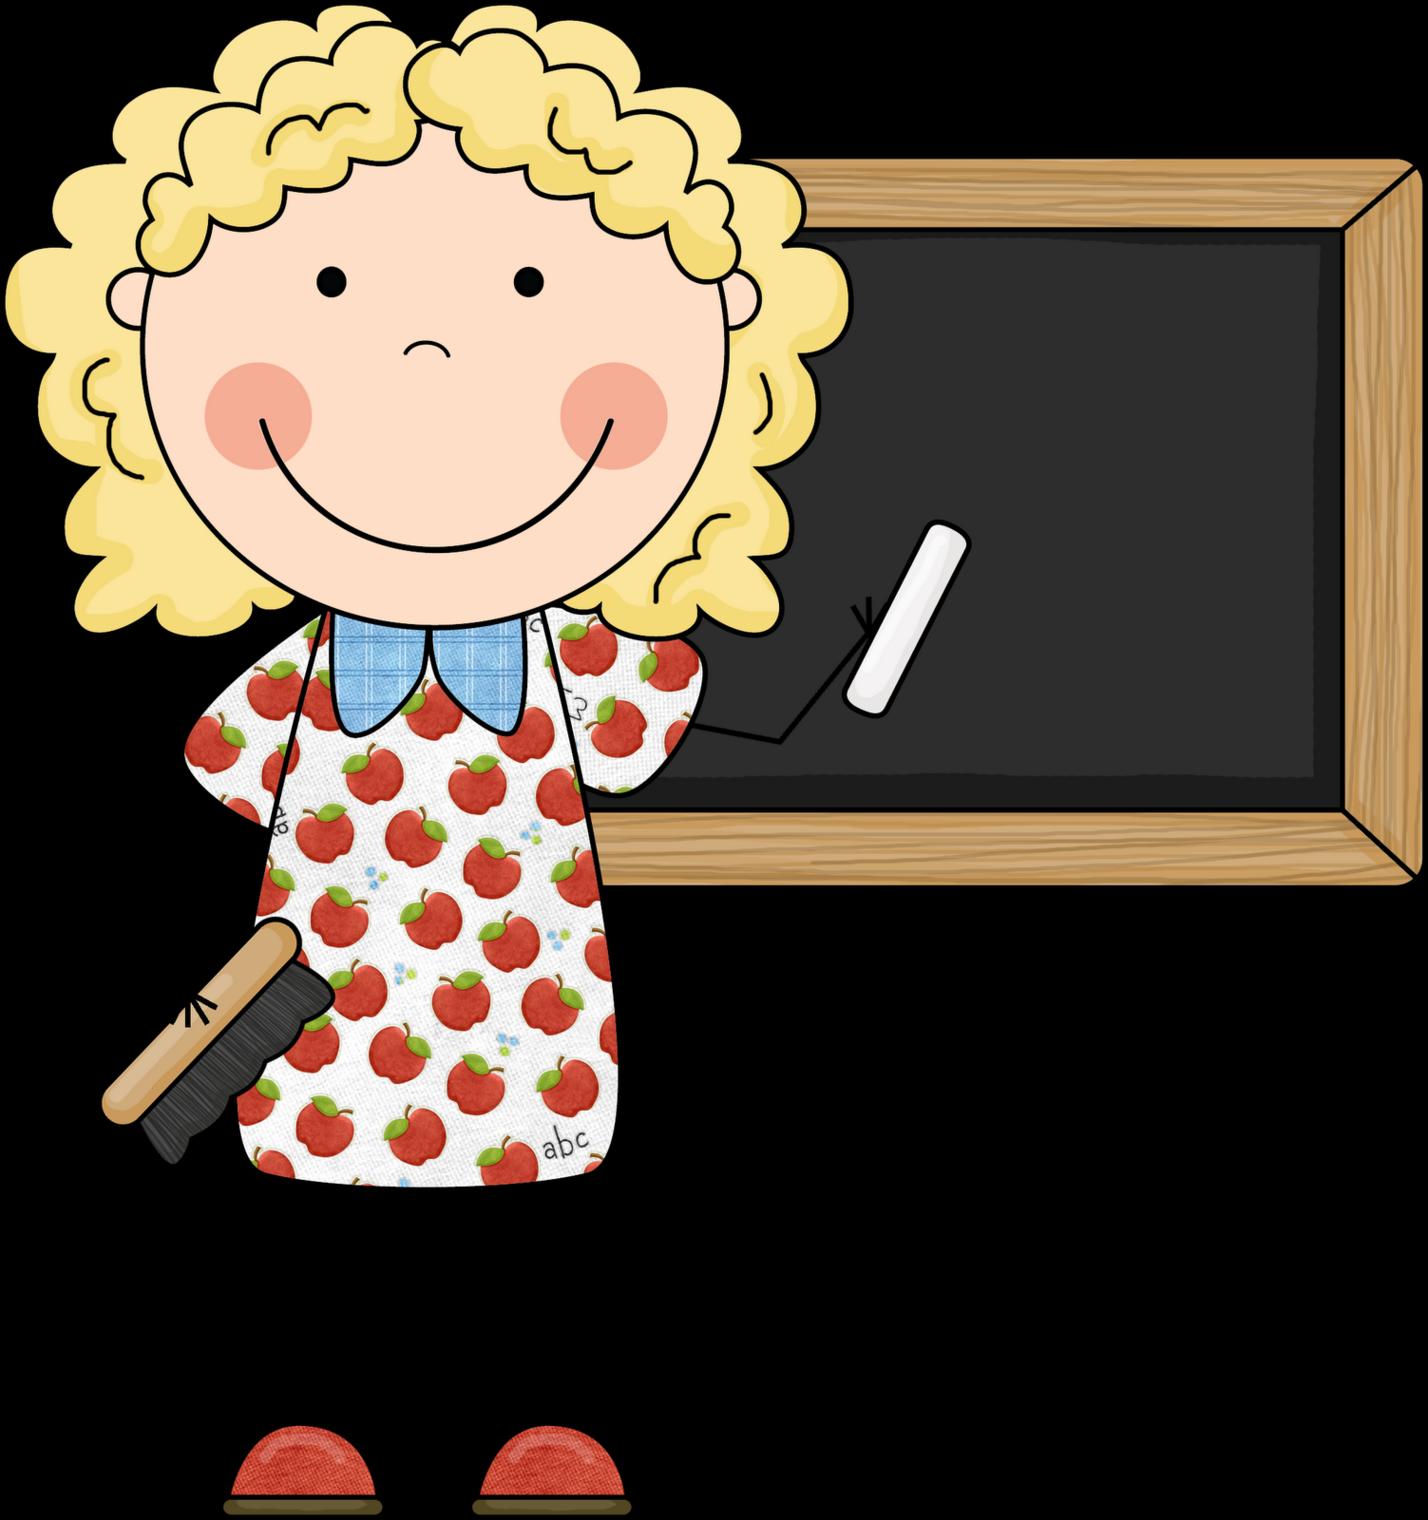 Kindergarten clipart jobs